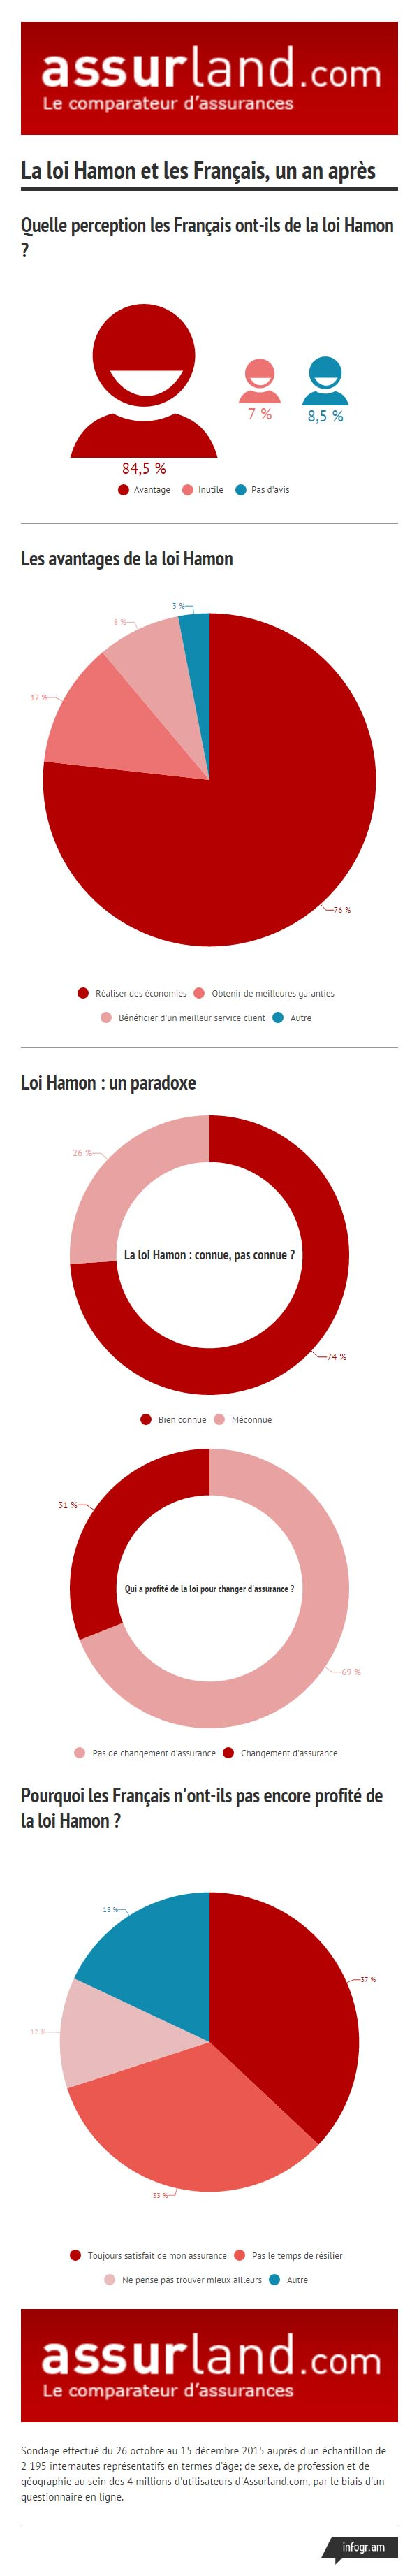 infographie-assurland-loi-hamon-un-an-apres